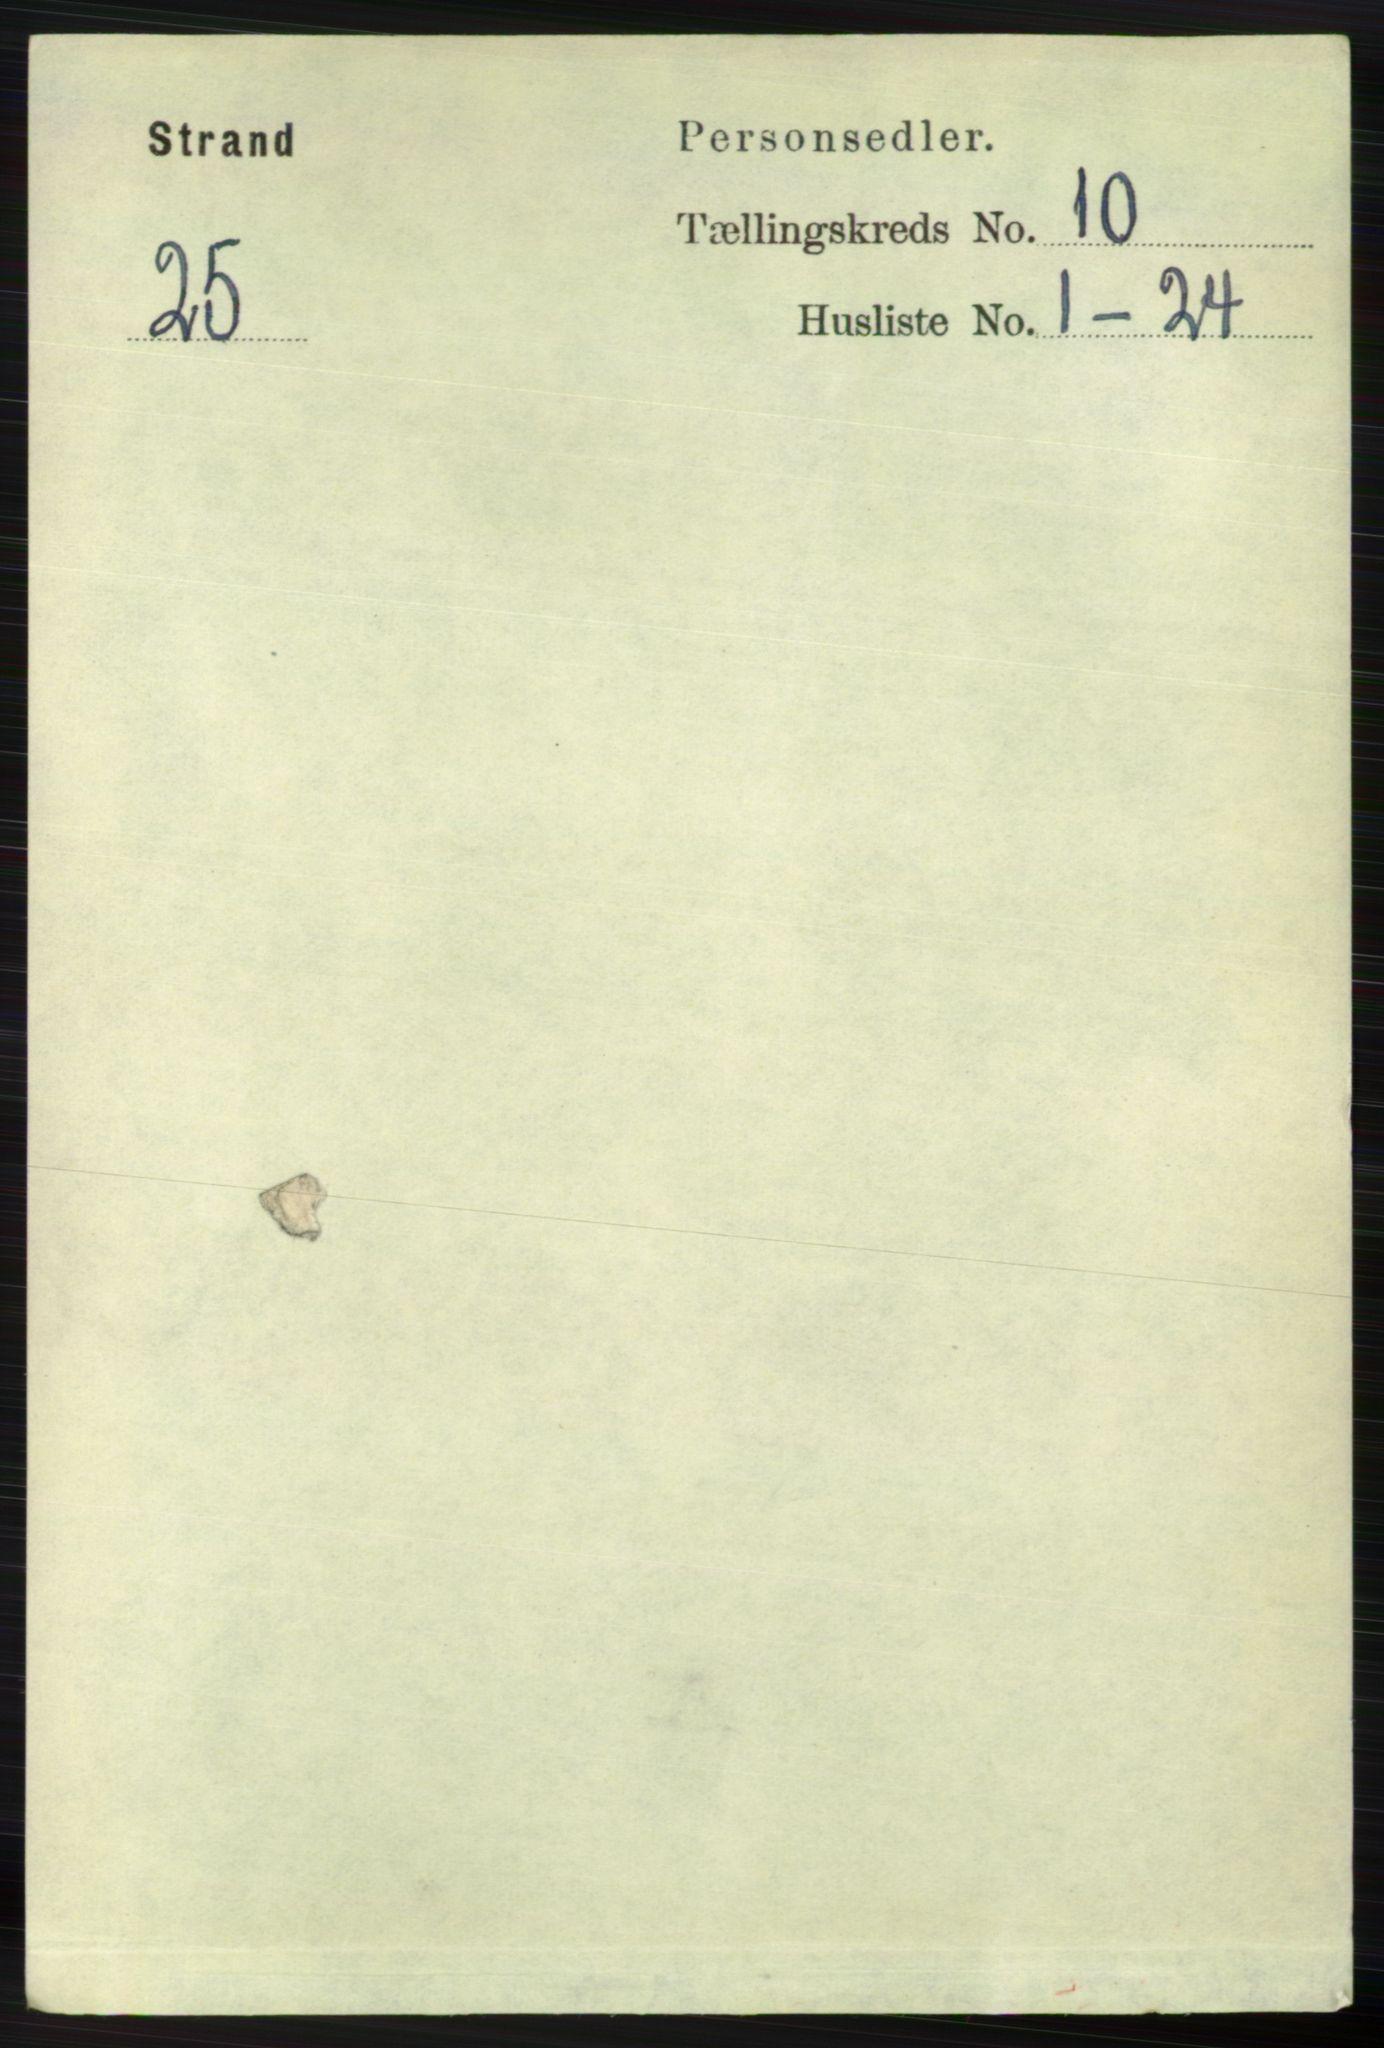 RA, Folketelling 1891 for 1130 Strand herred, 1891, s. 2730